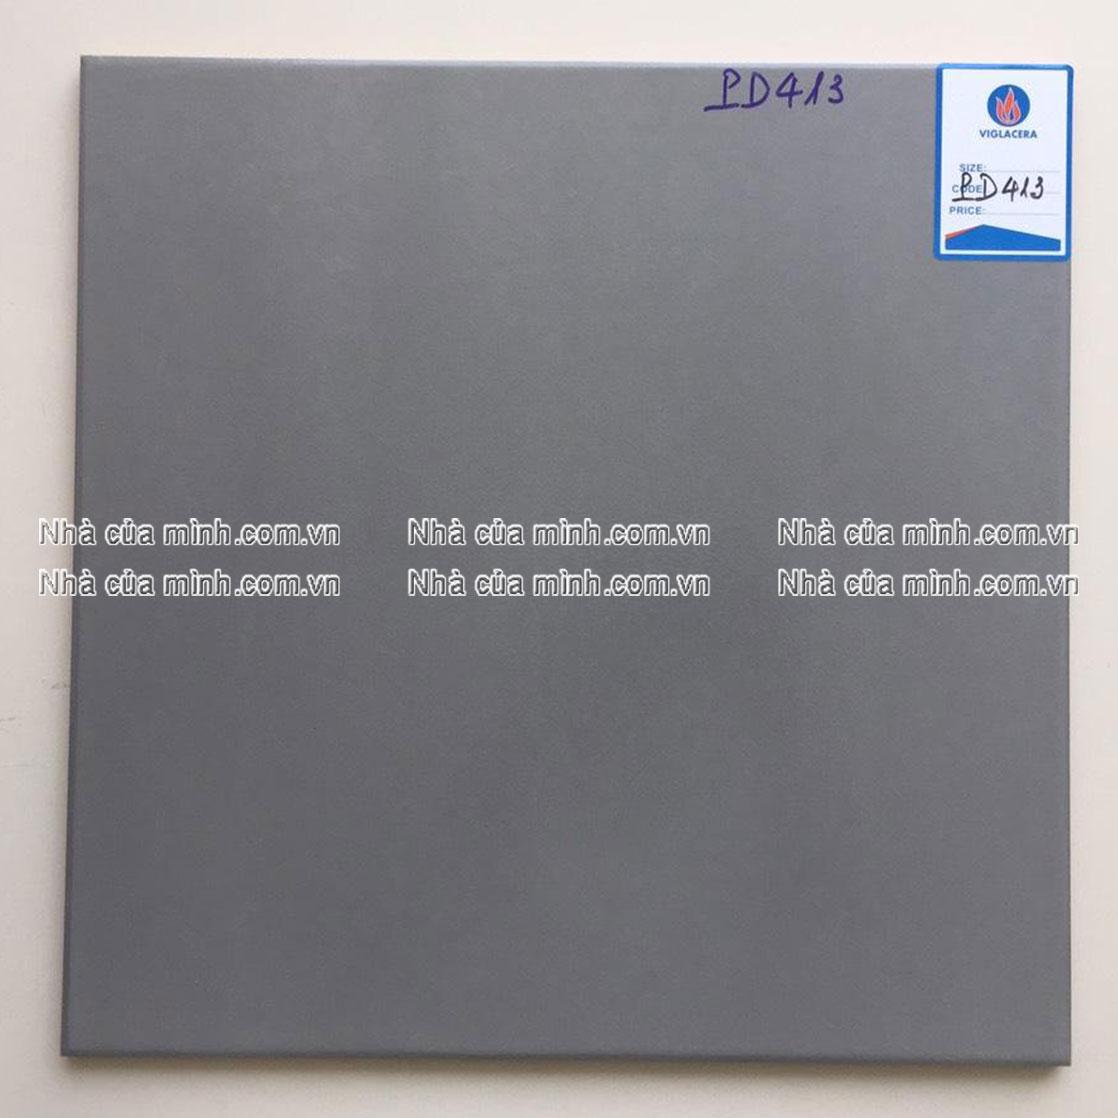 Gạch Cotto xám tro 400x400 Viglacera PD413 giá rẻ